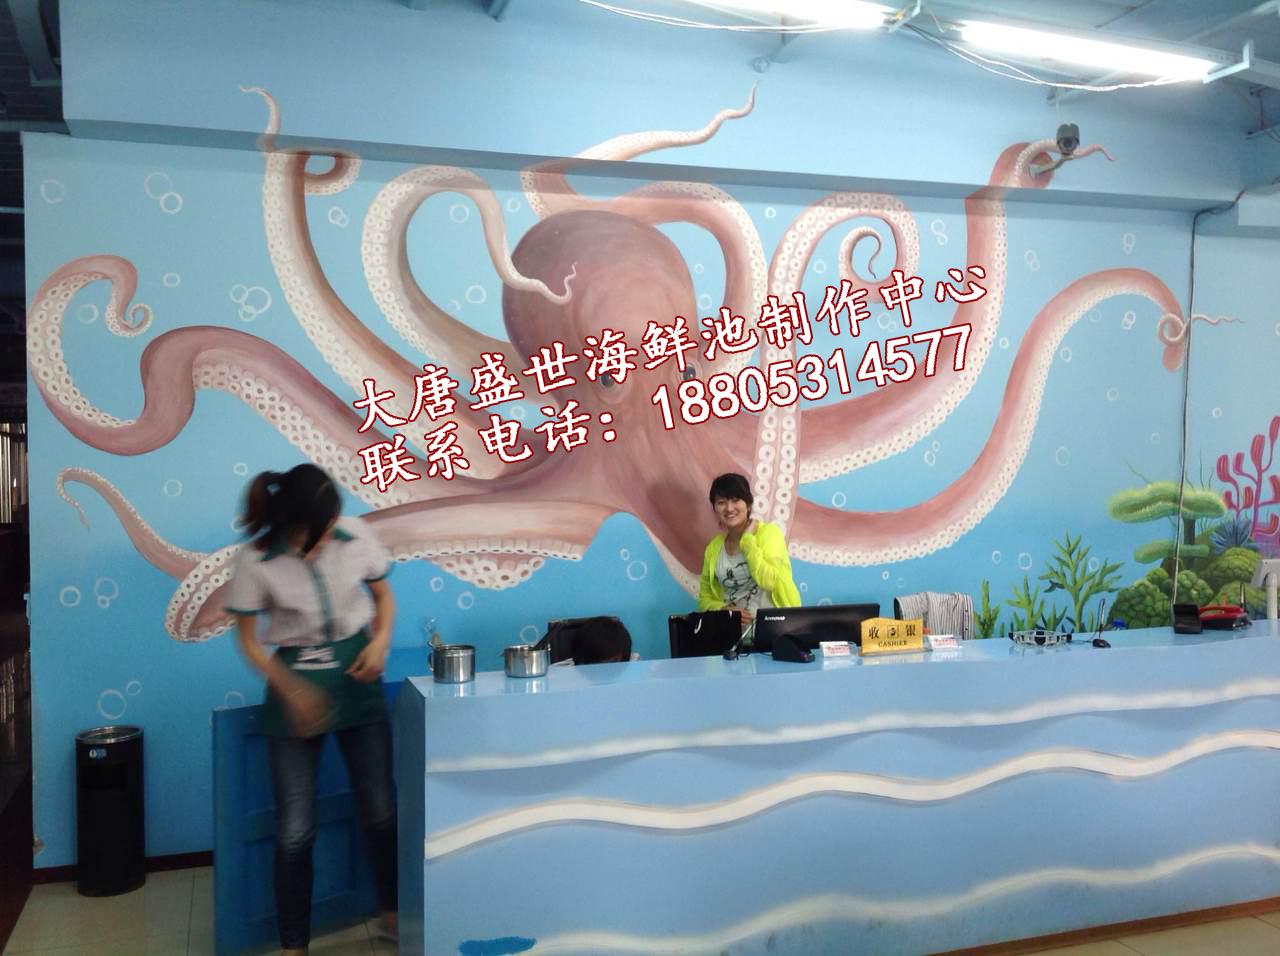 菏泽墙体绘画海底世界|济南海鲜酒店墙面绘画哪家更